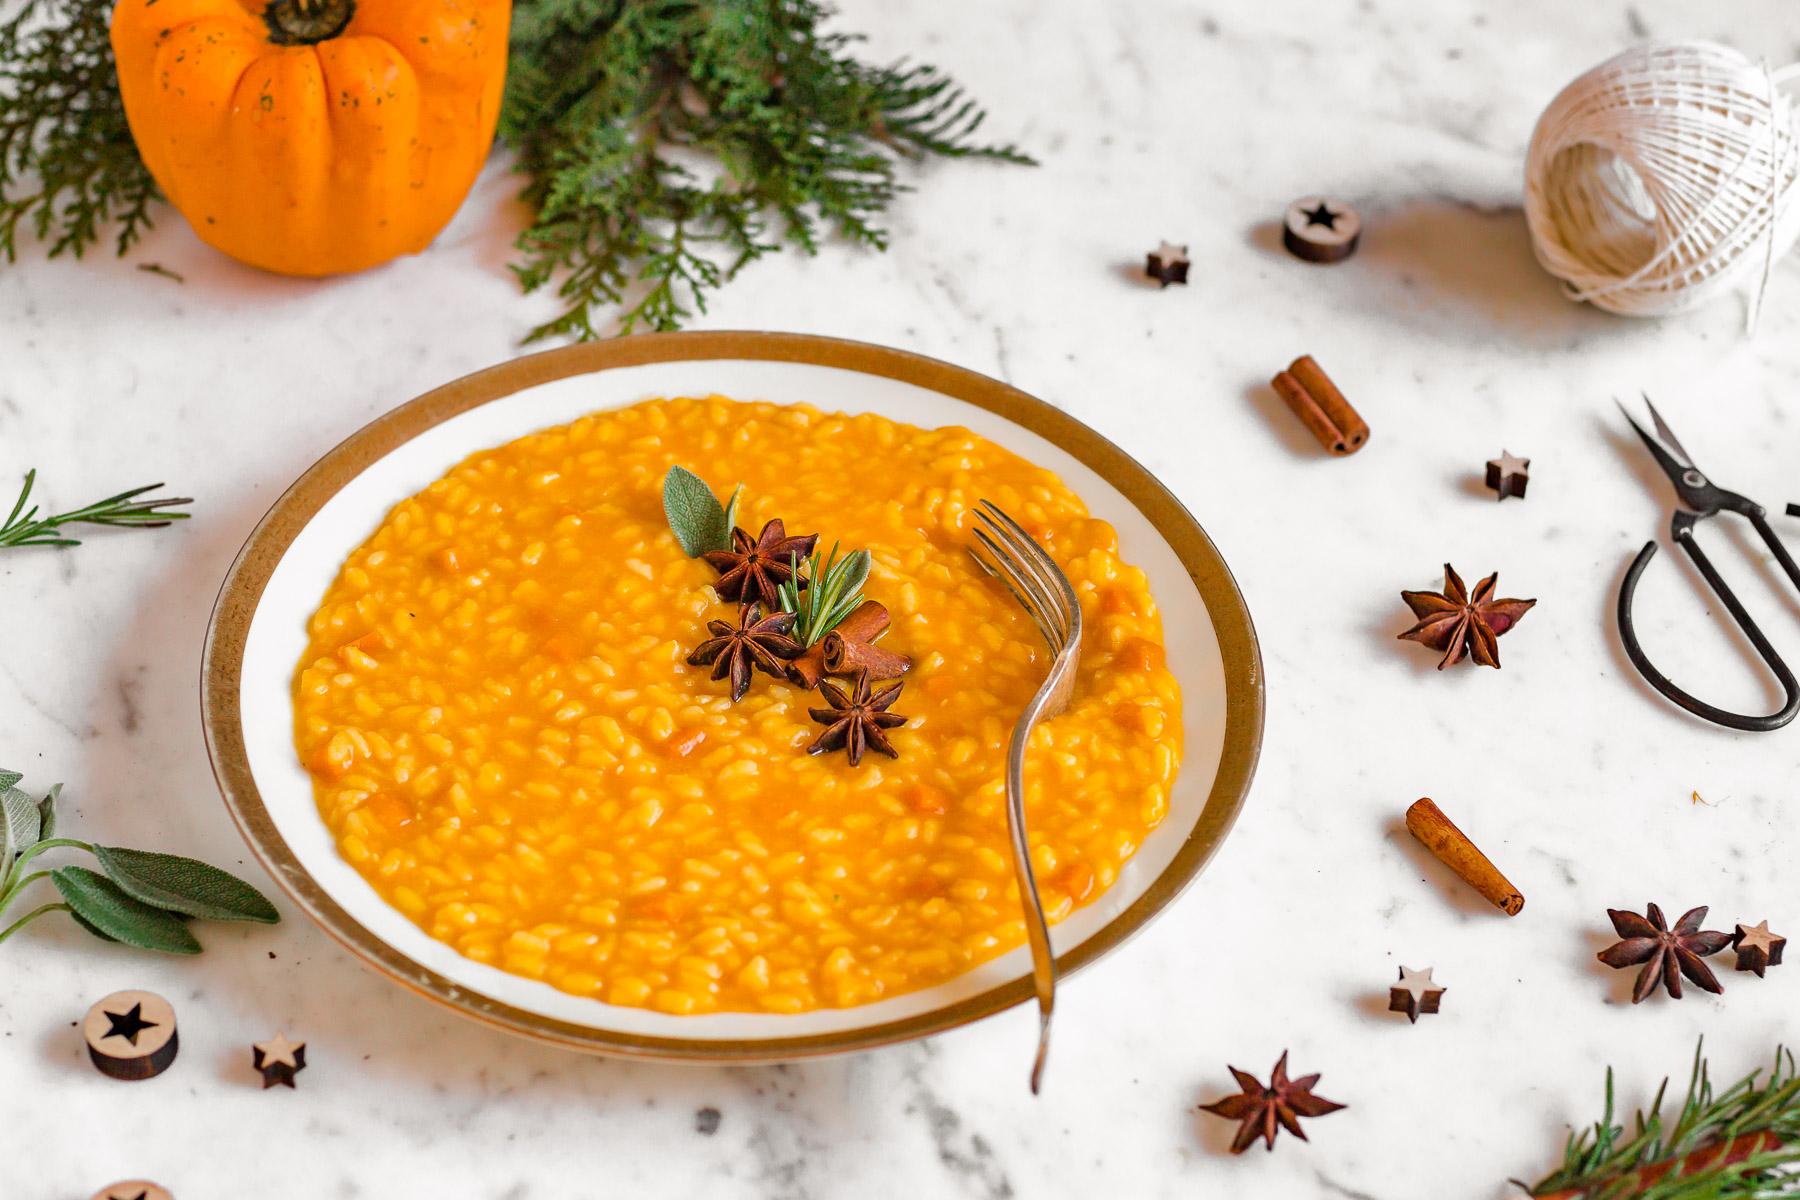 Italian Creamy VEGAN PUMPKIN RISOTTO Recipe gluten-free Ricetta RISOTTO alla ZUCCA VEGAN senza glutine senza burro cremoso light sano #vegan #risotto #pumpkin